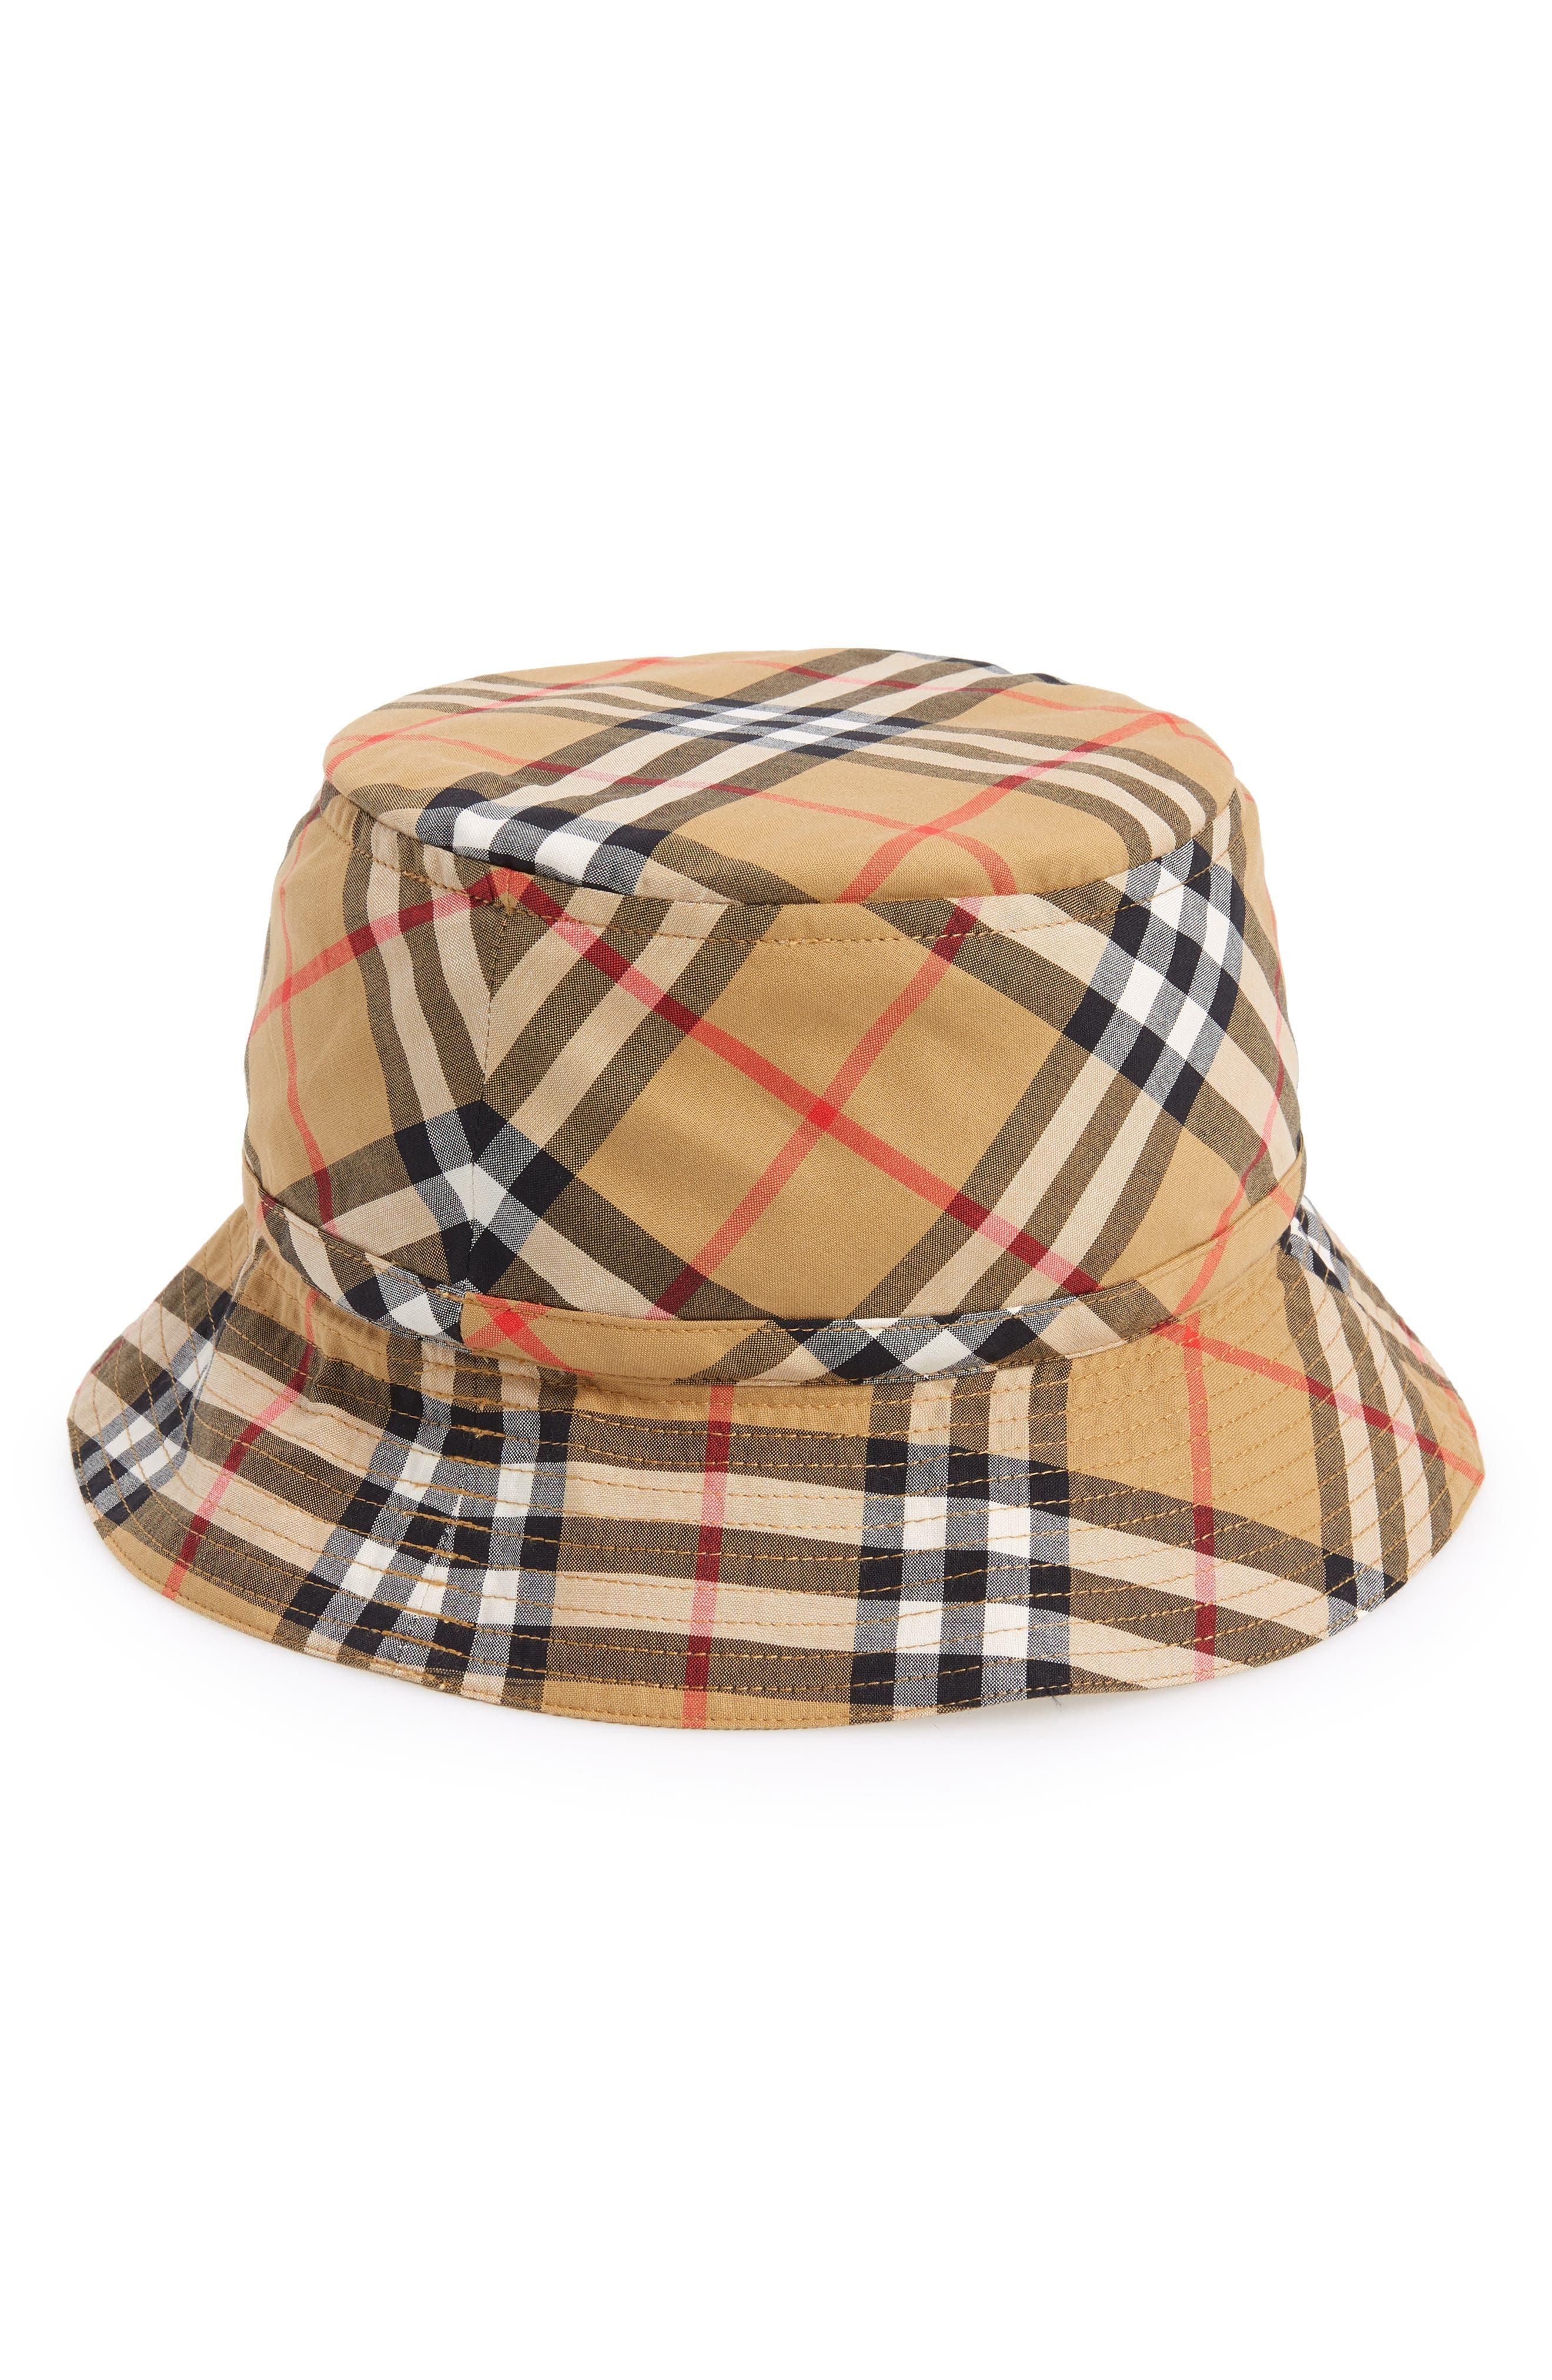 Chandy Check Hat,                             Main thumbnail 1, color,                             704